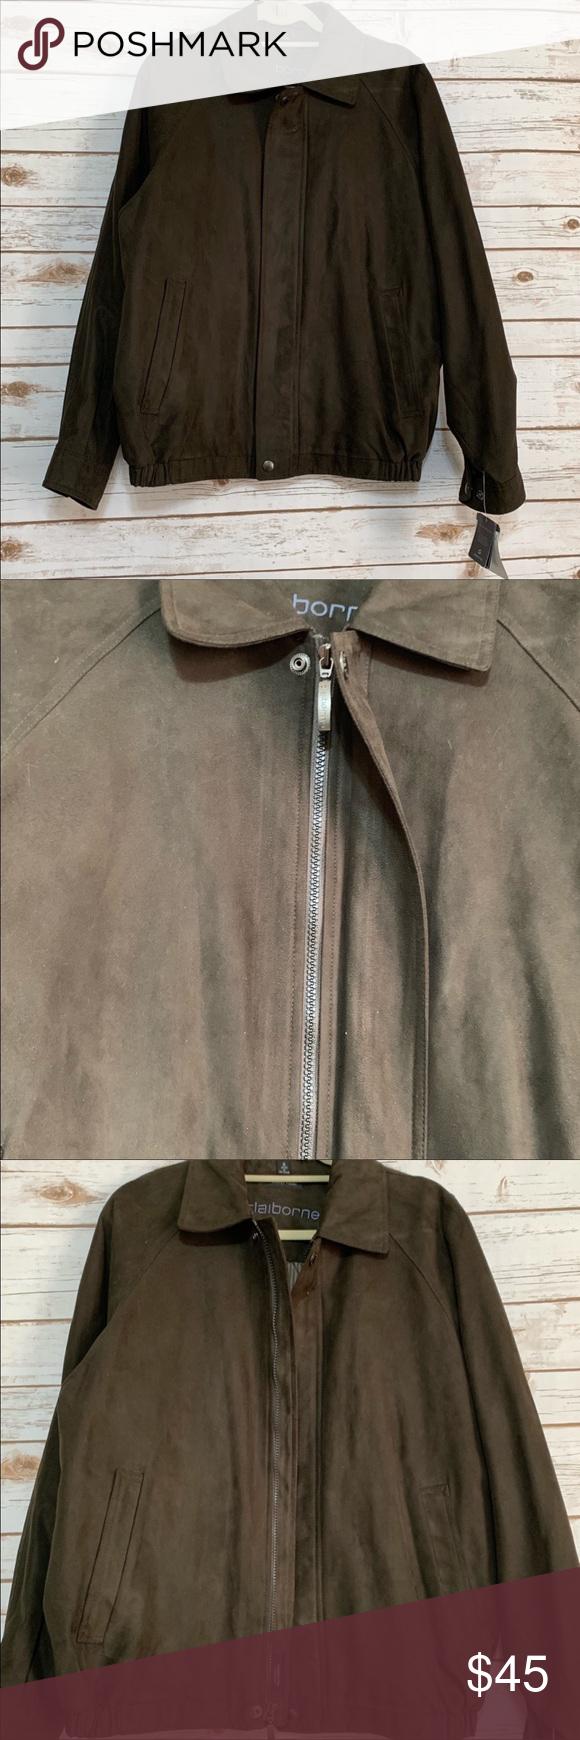 Men S Claiborne Outerwear Morgan Jacket Nwt Jackets Claiborne Clothes Design [ 1740 x 580 Pixel ]